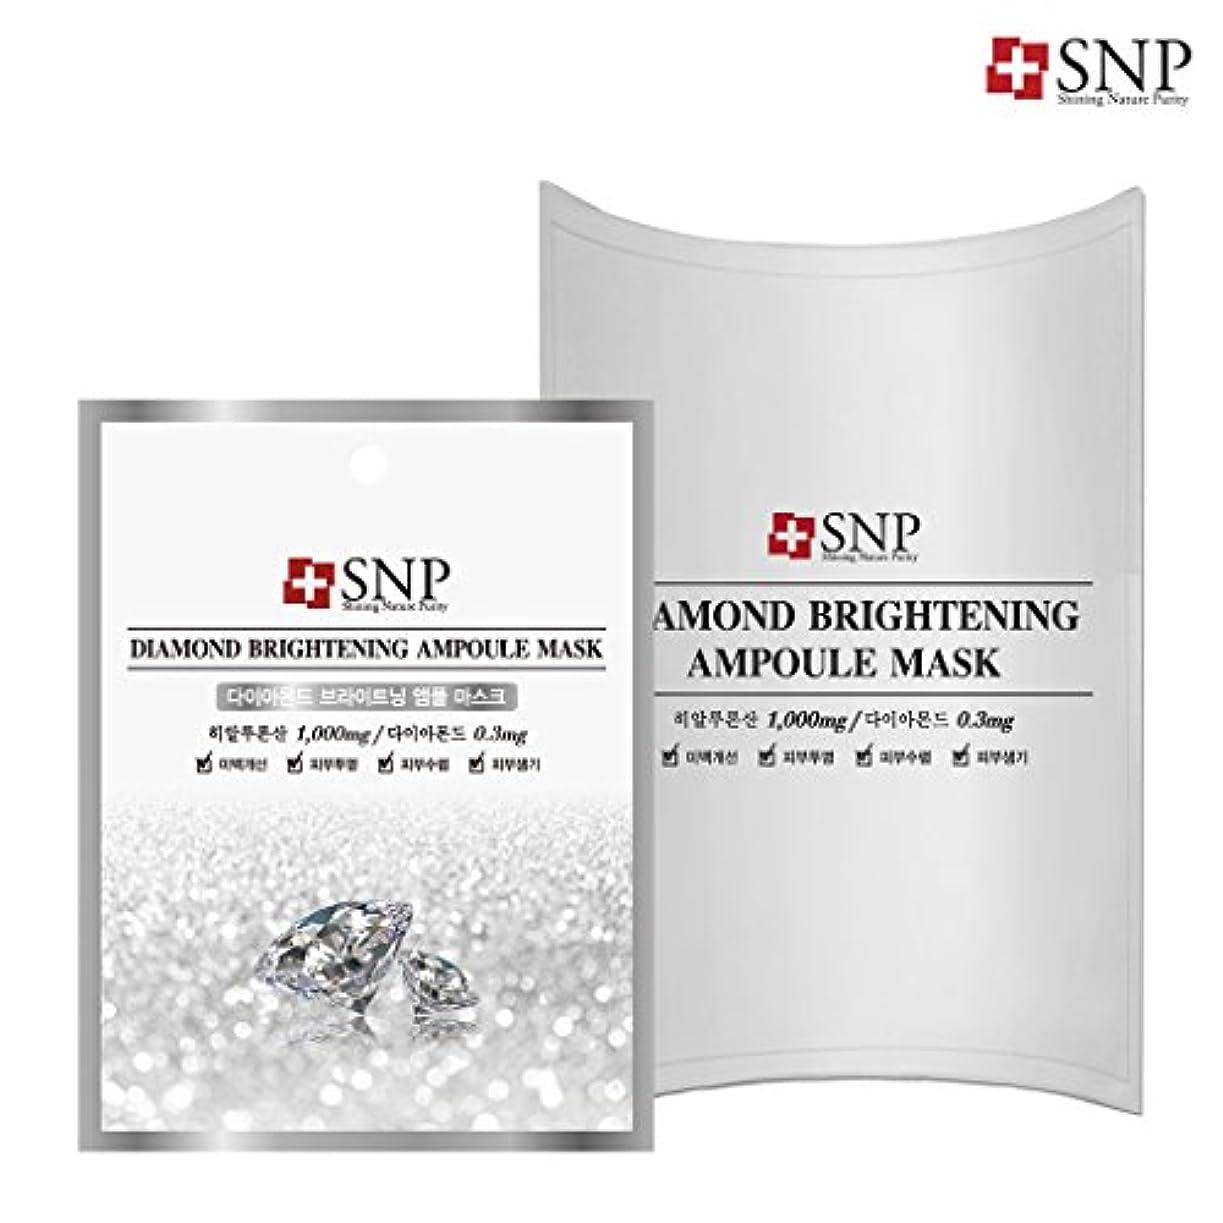 安心させるアデレード辛いSNP ダイアモンド ブライトニング アンプル マスク (10枚) 10枚/DIAMOND BRIGHTENING AMPOULE MASK 10EA[海外直送品]